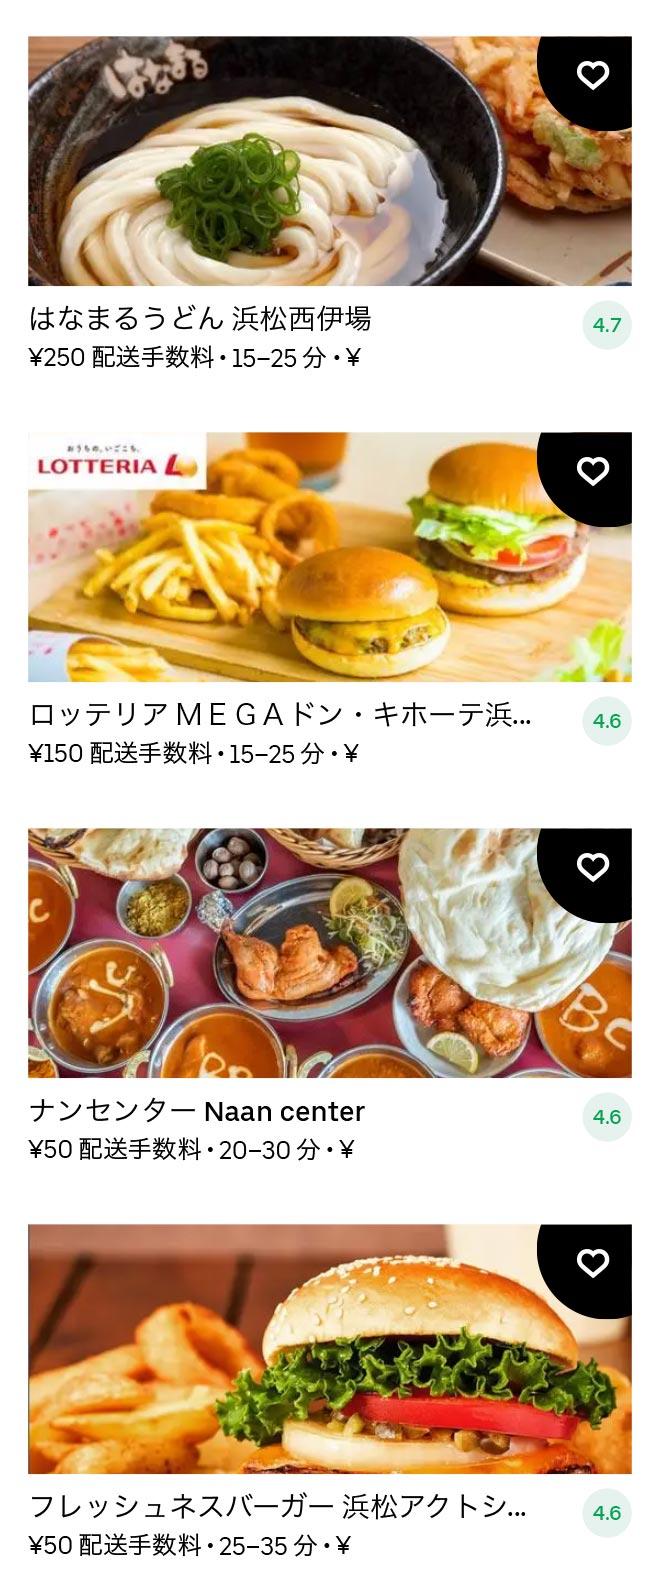 Hamamatsu menu 2011 05